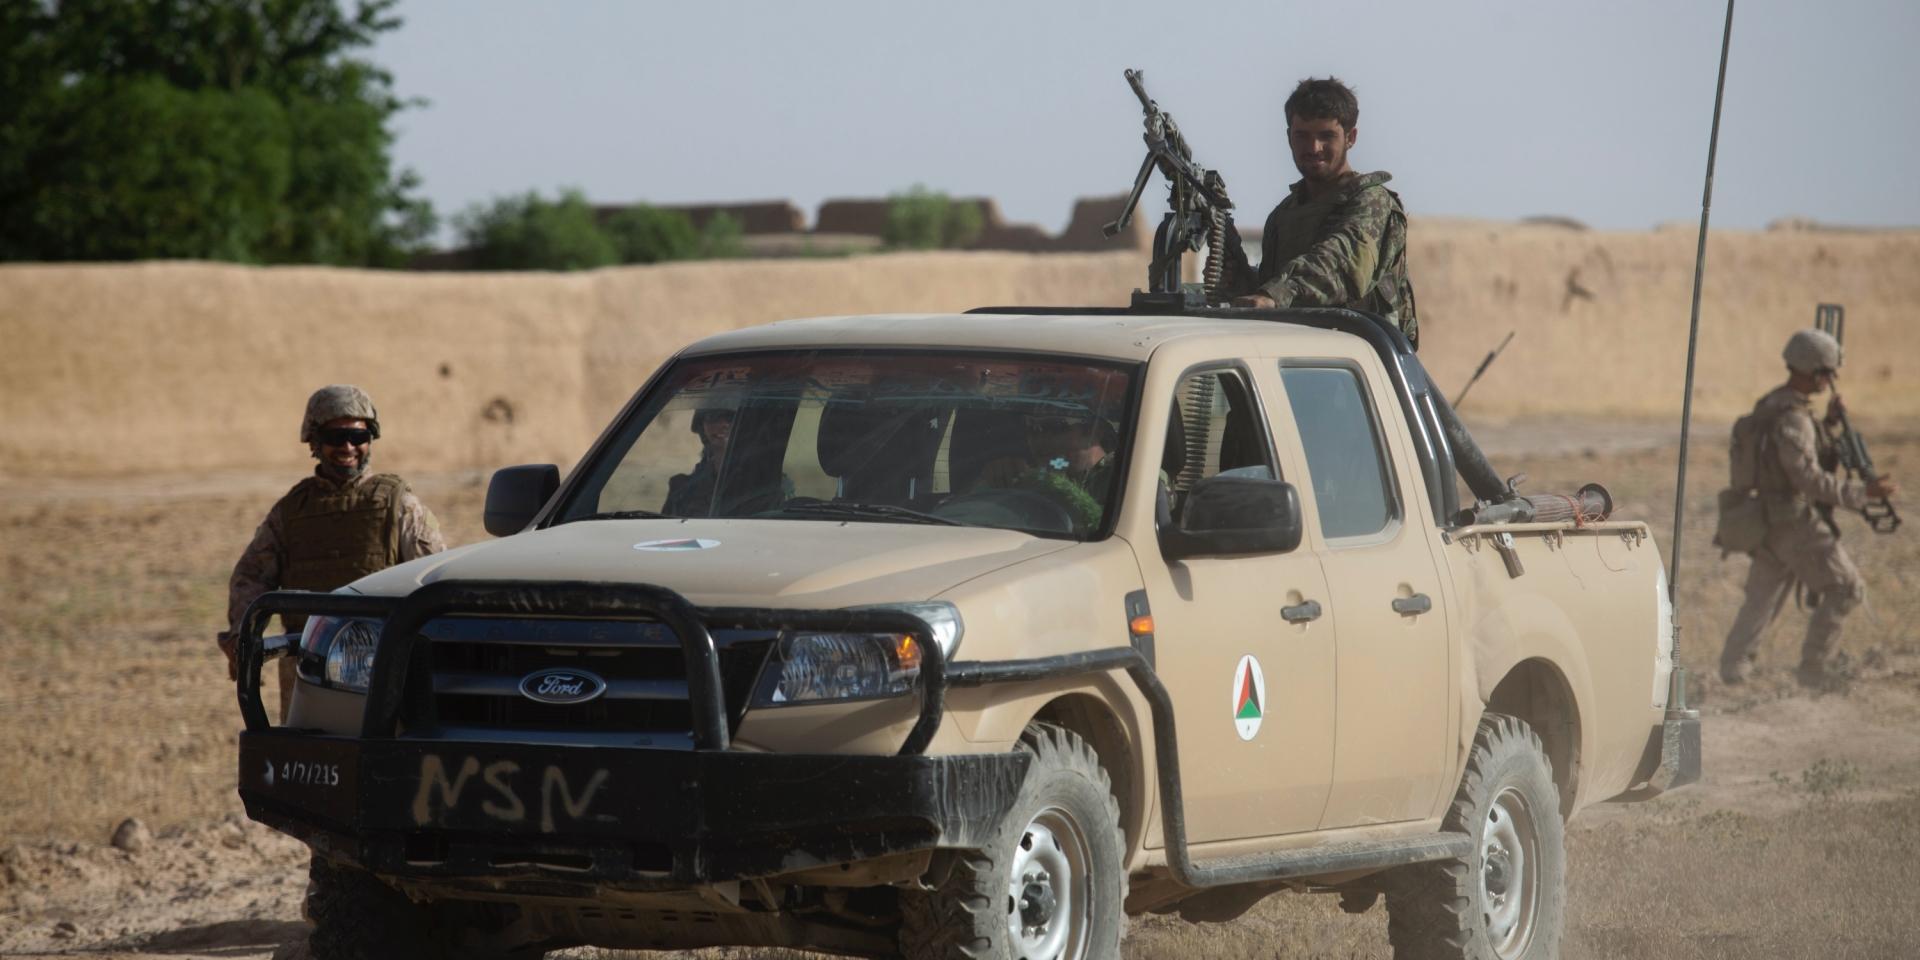 塔利班接收的美軍裝備中,居然還有四萬多輛的Ford Ranger